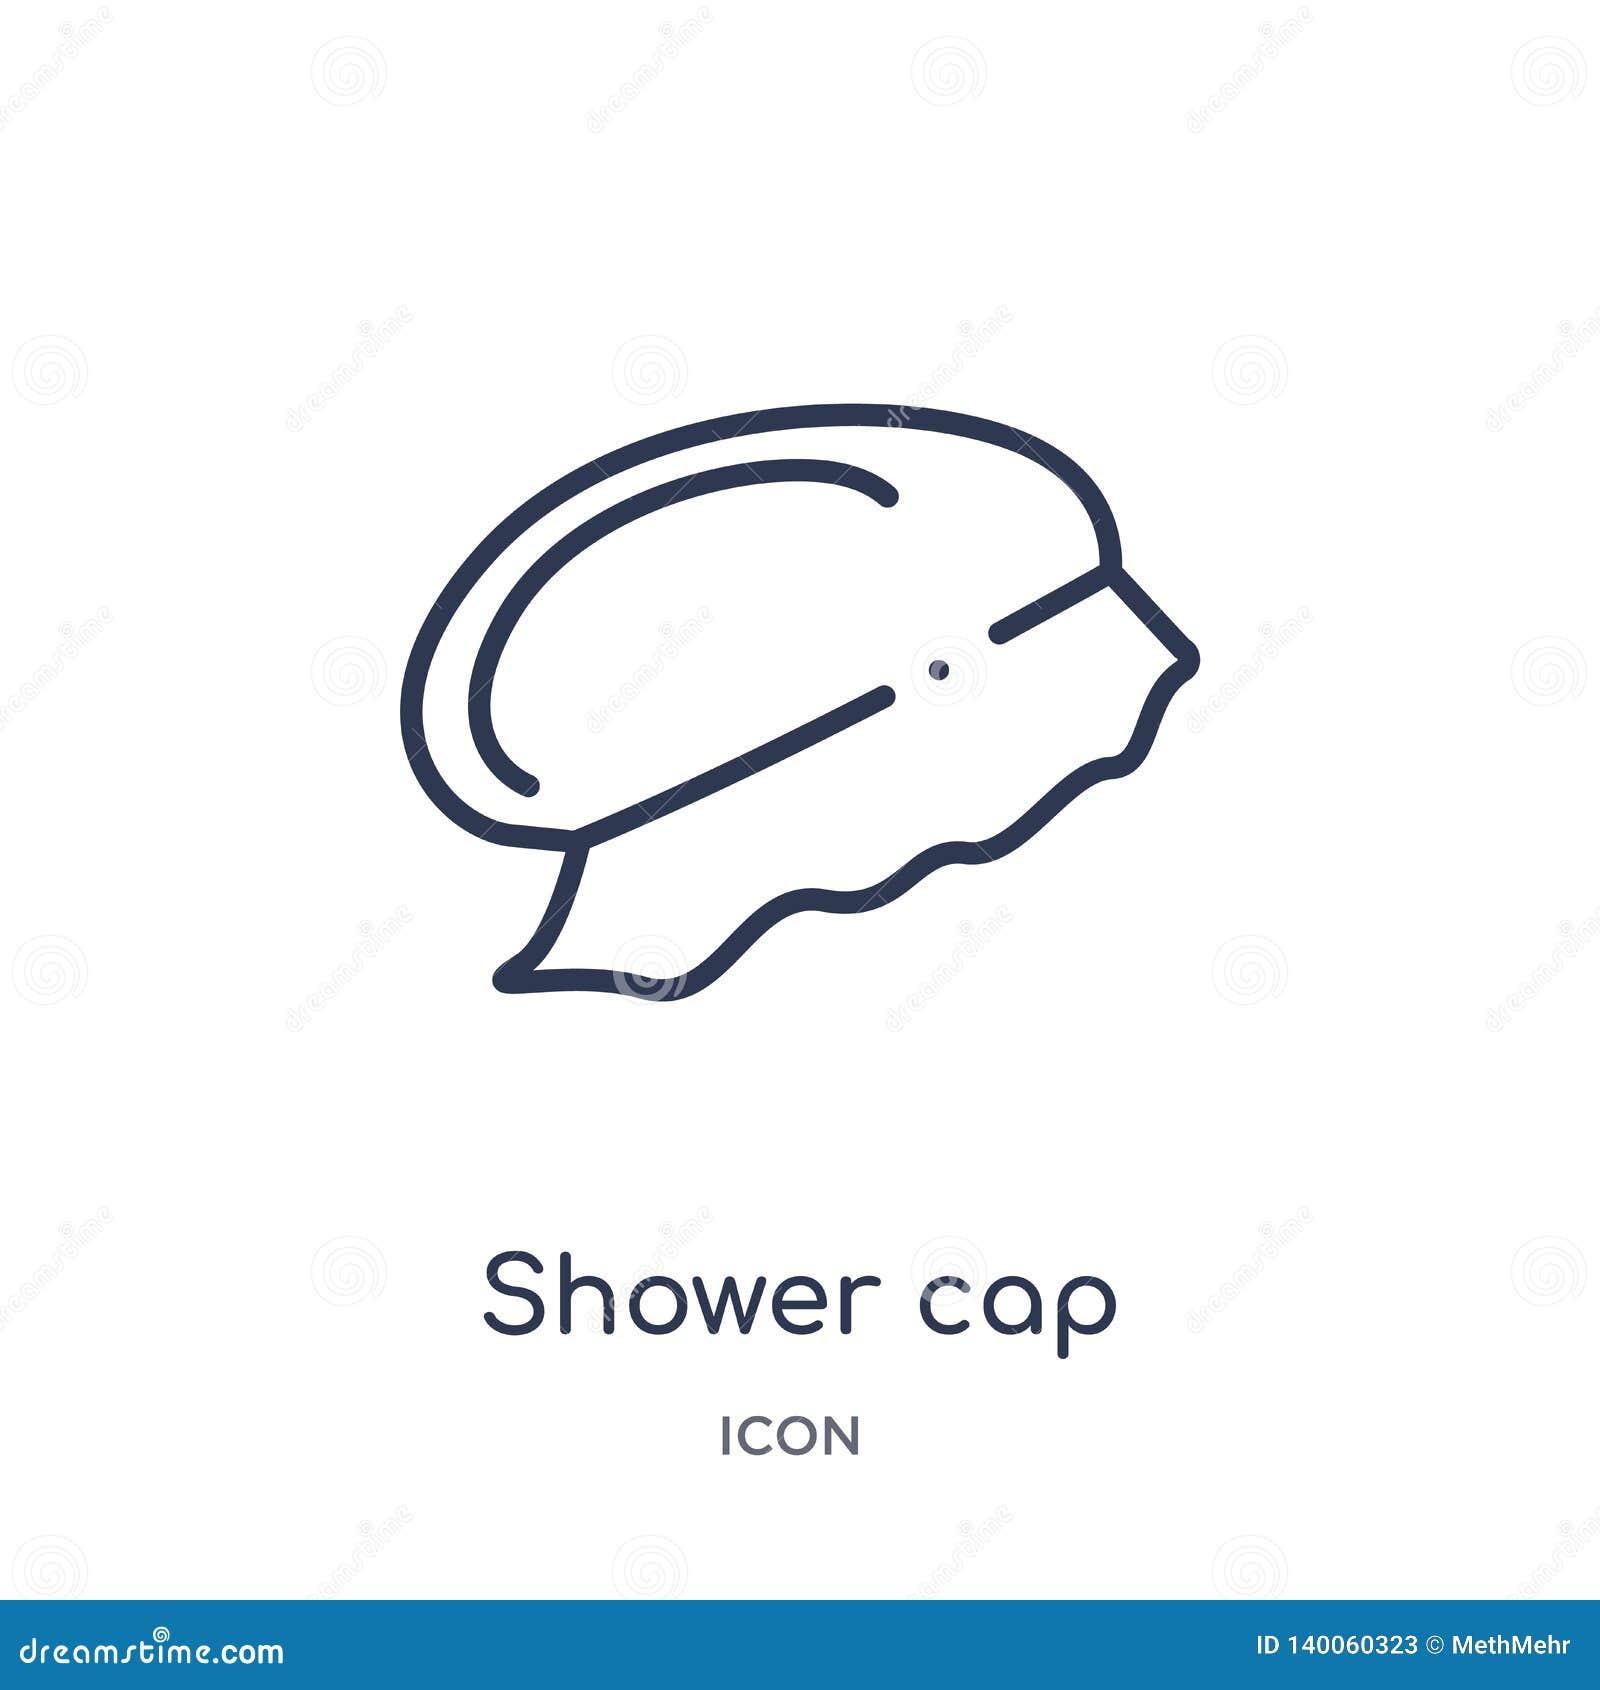 Icono linear del casquillo de ducha de la colección del esquema de la higiene Línea fina icono del casquillo de ducha aislado en